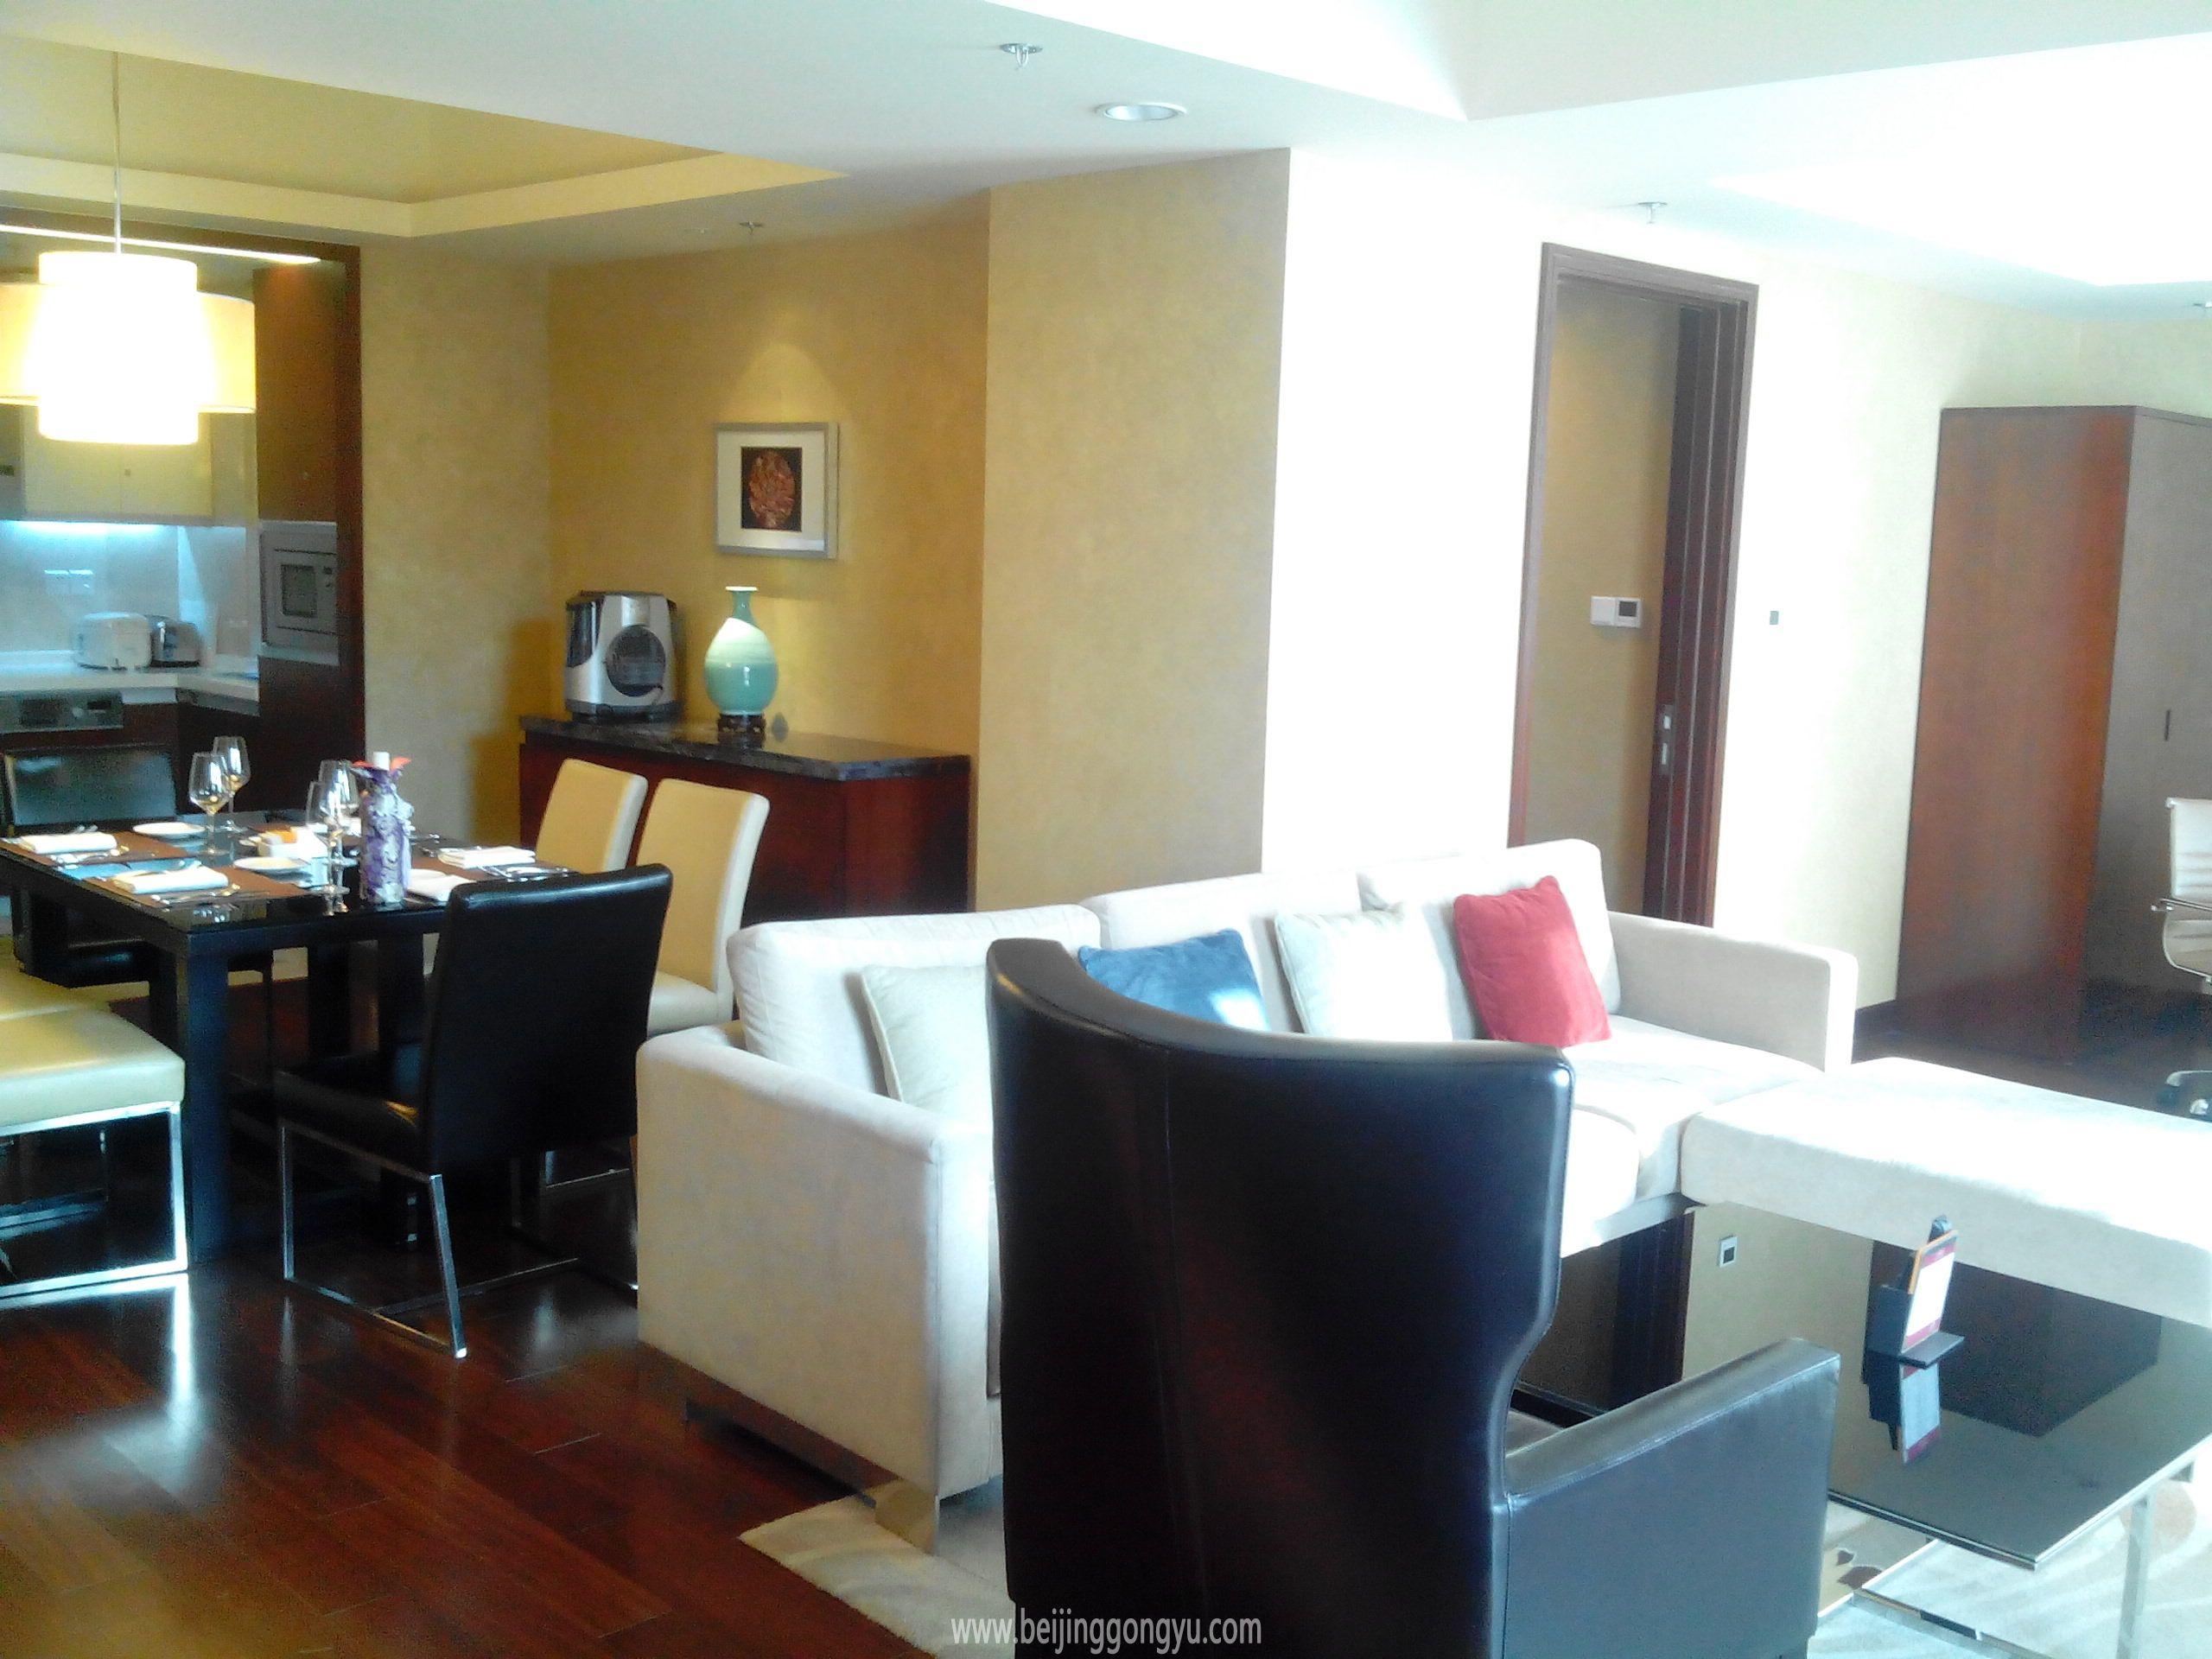 北京万豪行政公寓欢迎您